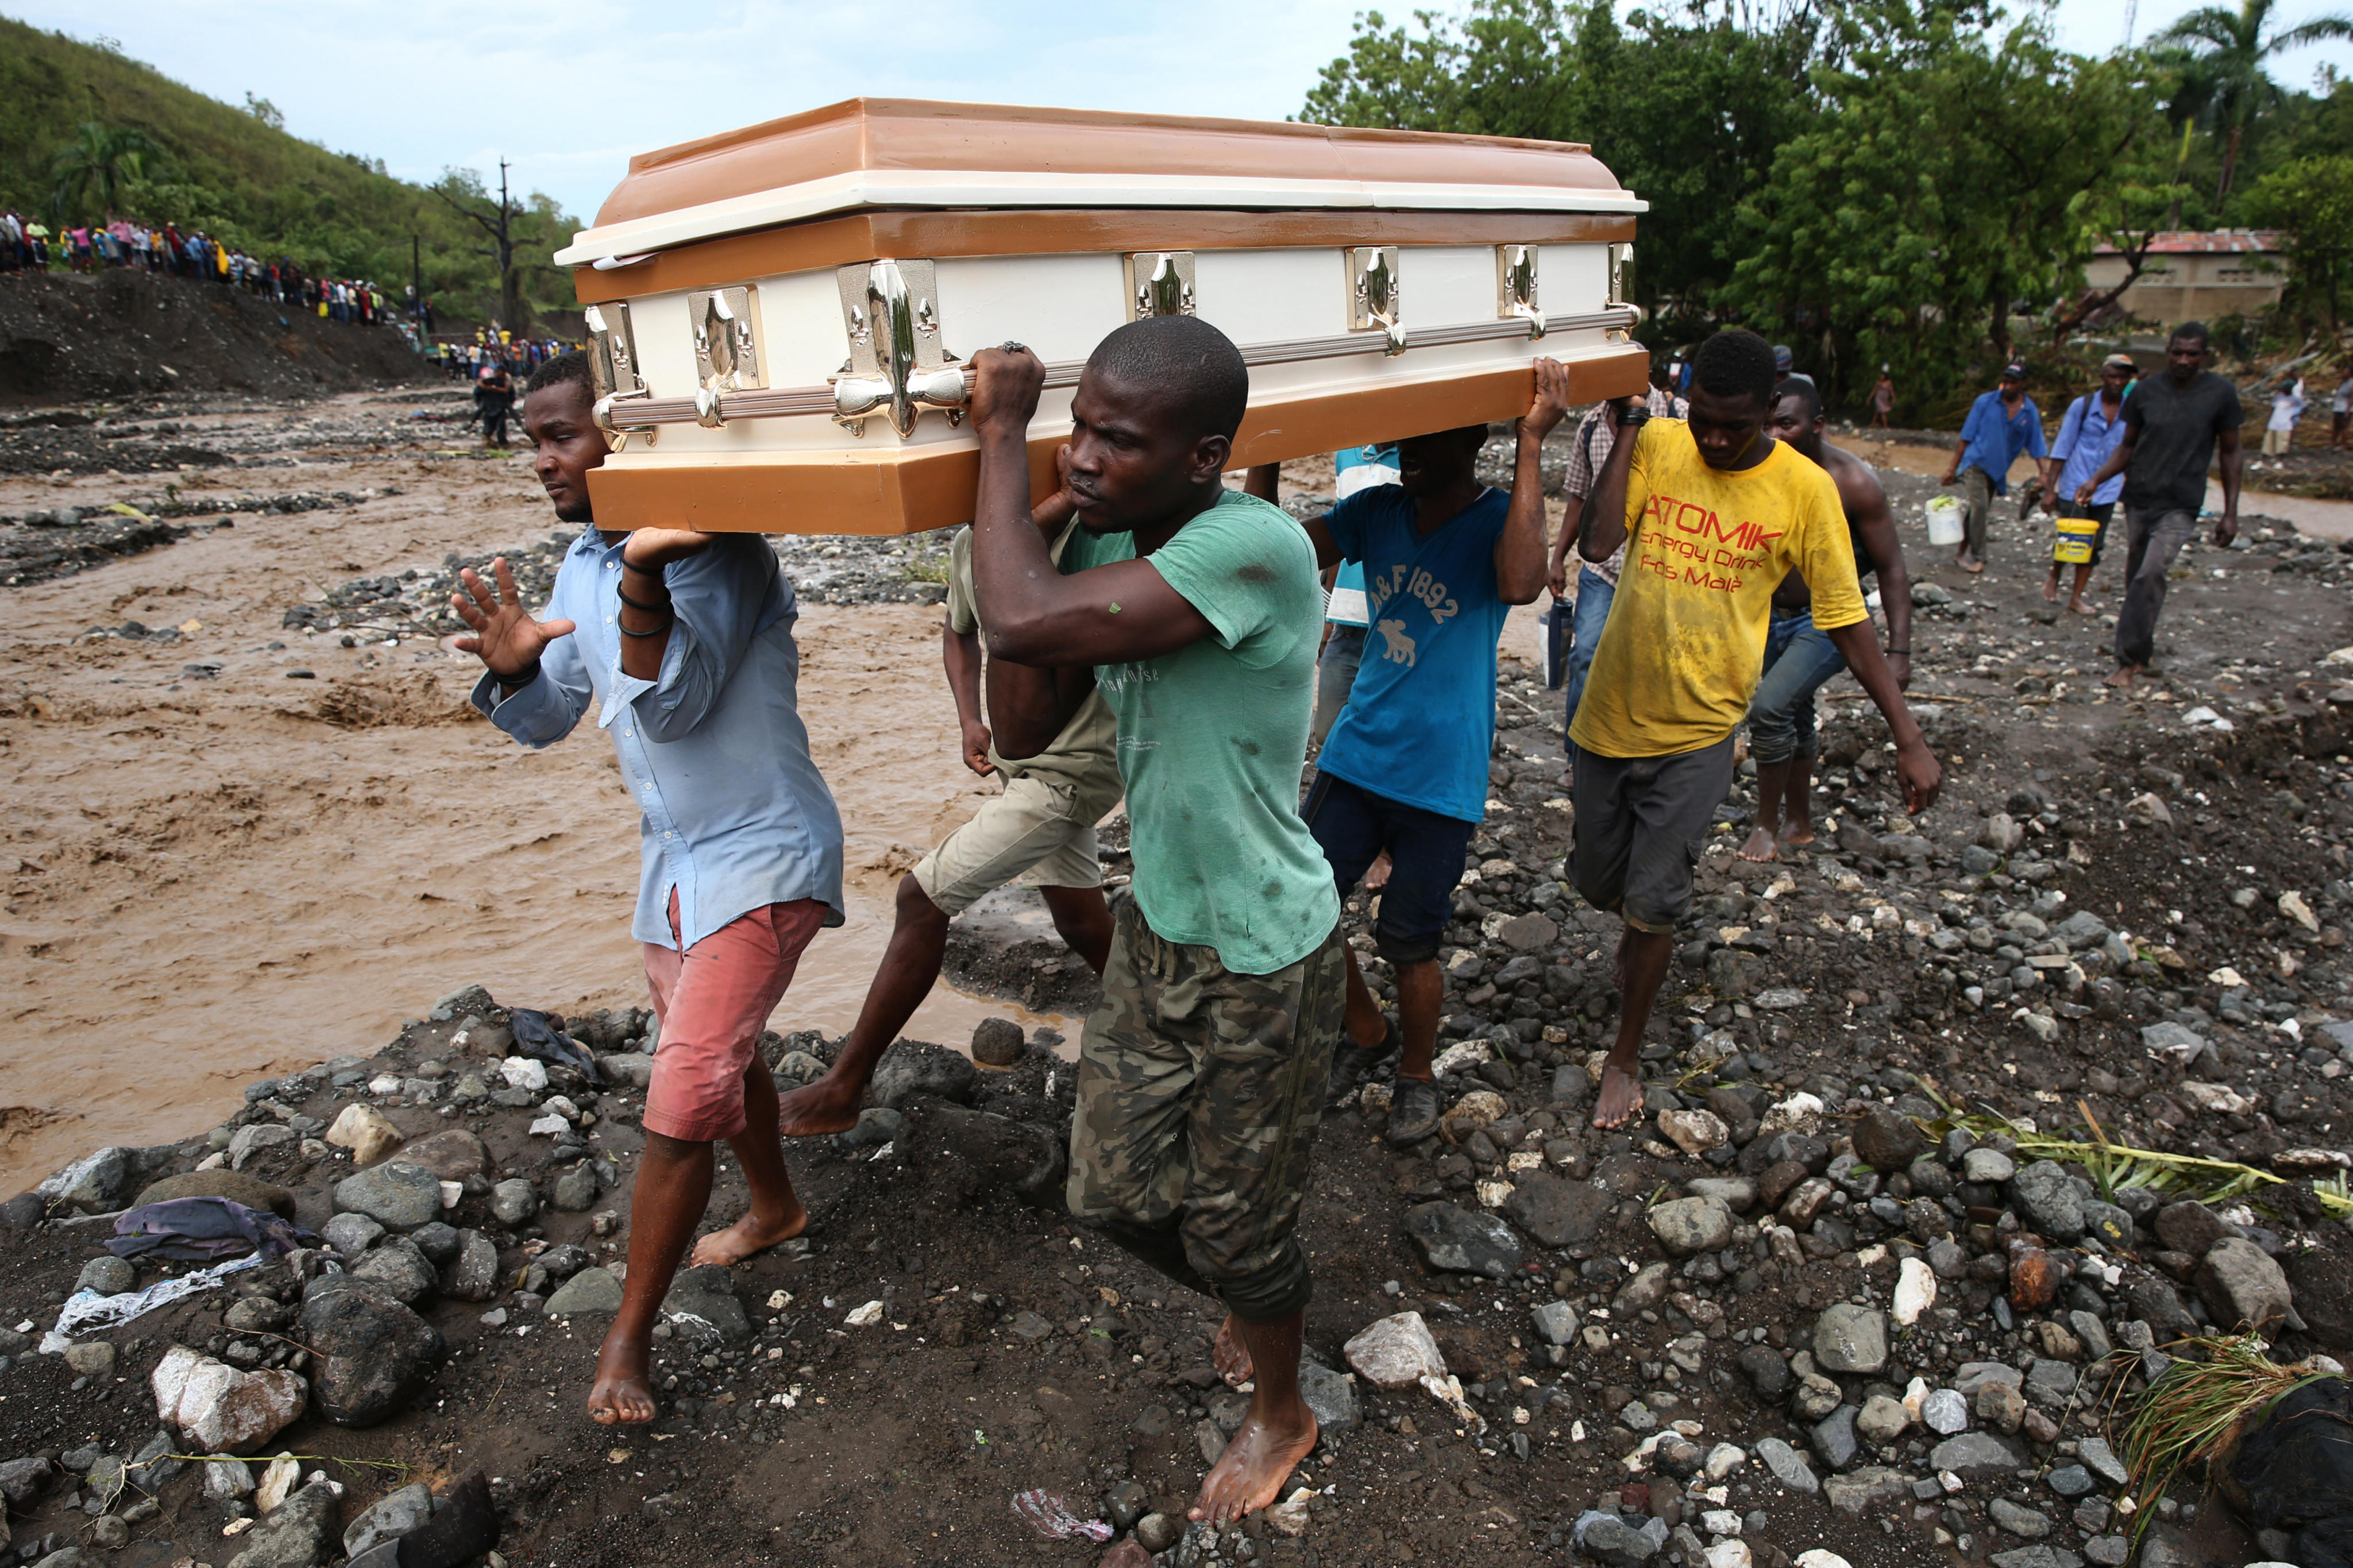 HAI01. PETIT GOAVE (HAITI), 05/10/16.- Varios hombres cargan un ataúd e intentan cruzar el río La Digue, debido al derrumbe del único puente que conecta con el sur, tras el paso del huracán Matthew hoy, 5 de octubre de 2016, en Petit Goave (Haití). El impacto del huracán Matthew en Haití, donde dejó al menos nueve muertos, miles de desplazados y comunidades incomunicadas, principalmente en el suroeste, obligó hoy a las autoridades electorales a aplazar los comicios del domingo. EFE/Orlando Barría